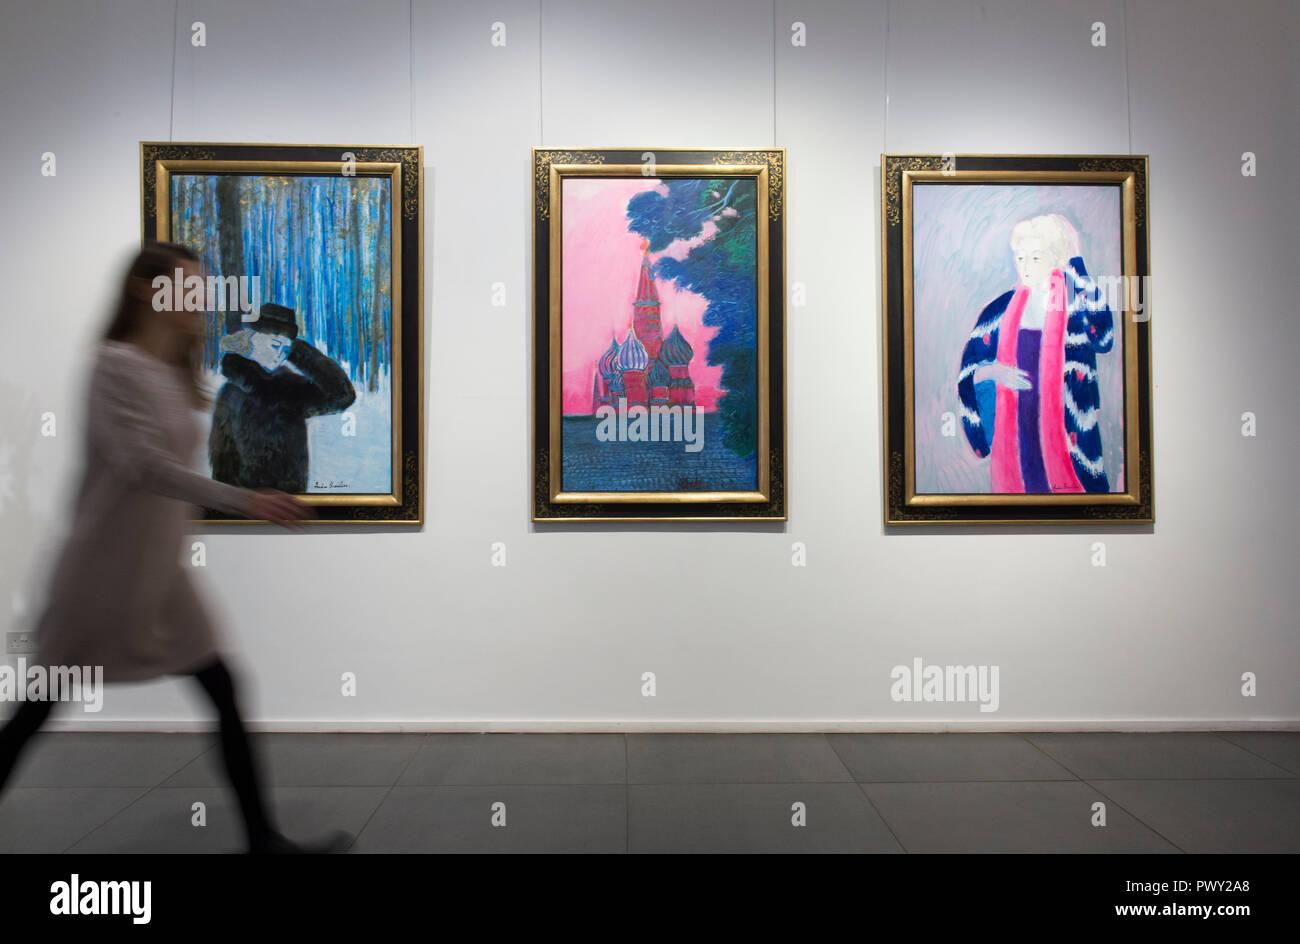 Opera Gallery, New Bond Street, London, UK. 18 octobre, 2018. 90 ans artiste fauviste français André Brasilier assiste à l'ouverture d'une exposition rétrospective de son travail, accompagné de son épouse et muse, Chantal. Brasilier a été le premier artiste à remporter le Prix de Rome, il a été admiré par Marc Chagall, et il a compté Jacqueline Roque comme l'un de ses bons amis. Cependant, tout comme Leon Kossoff, Brasilier a toujours gardé un profil bas. Credit: Malcolm Park/Alamy Live News. Banque D'Images